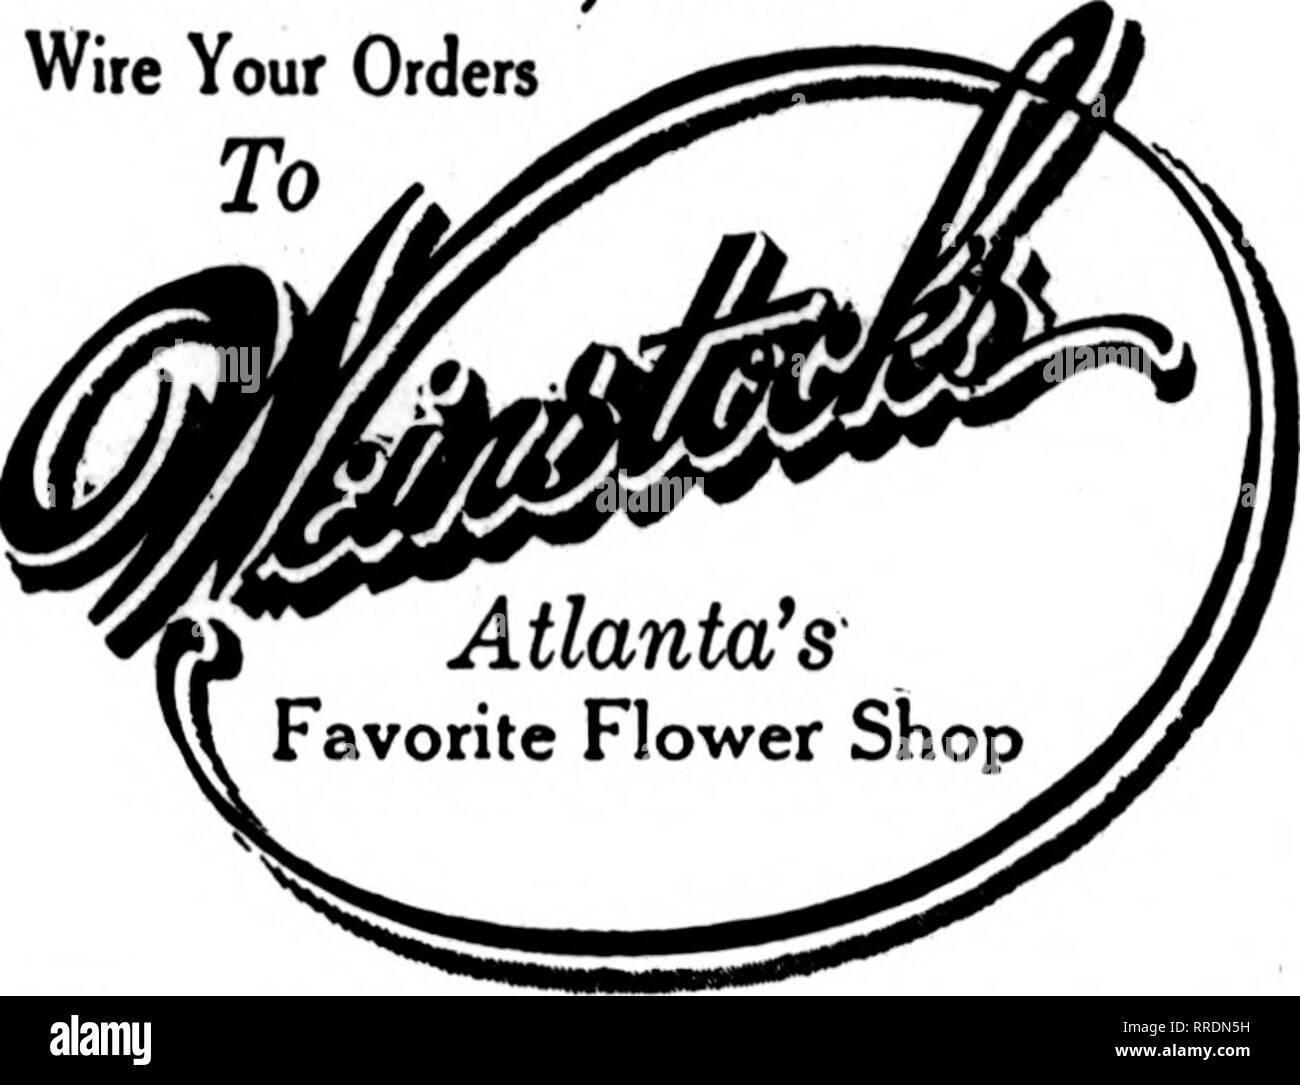 Floristen Review Microform Blumenzucht Atlanta Ga Draht Ihre